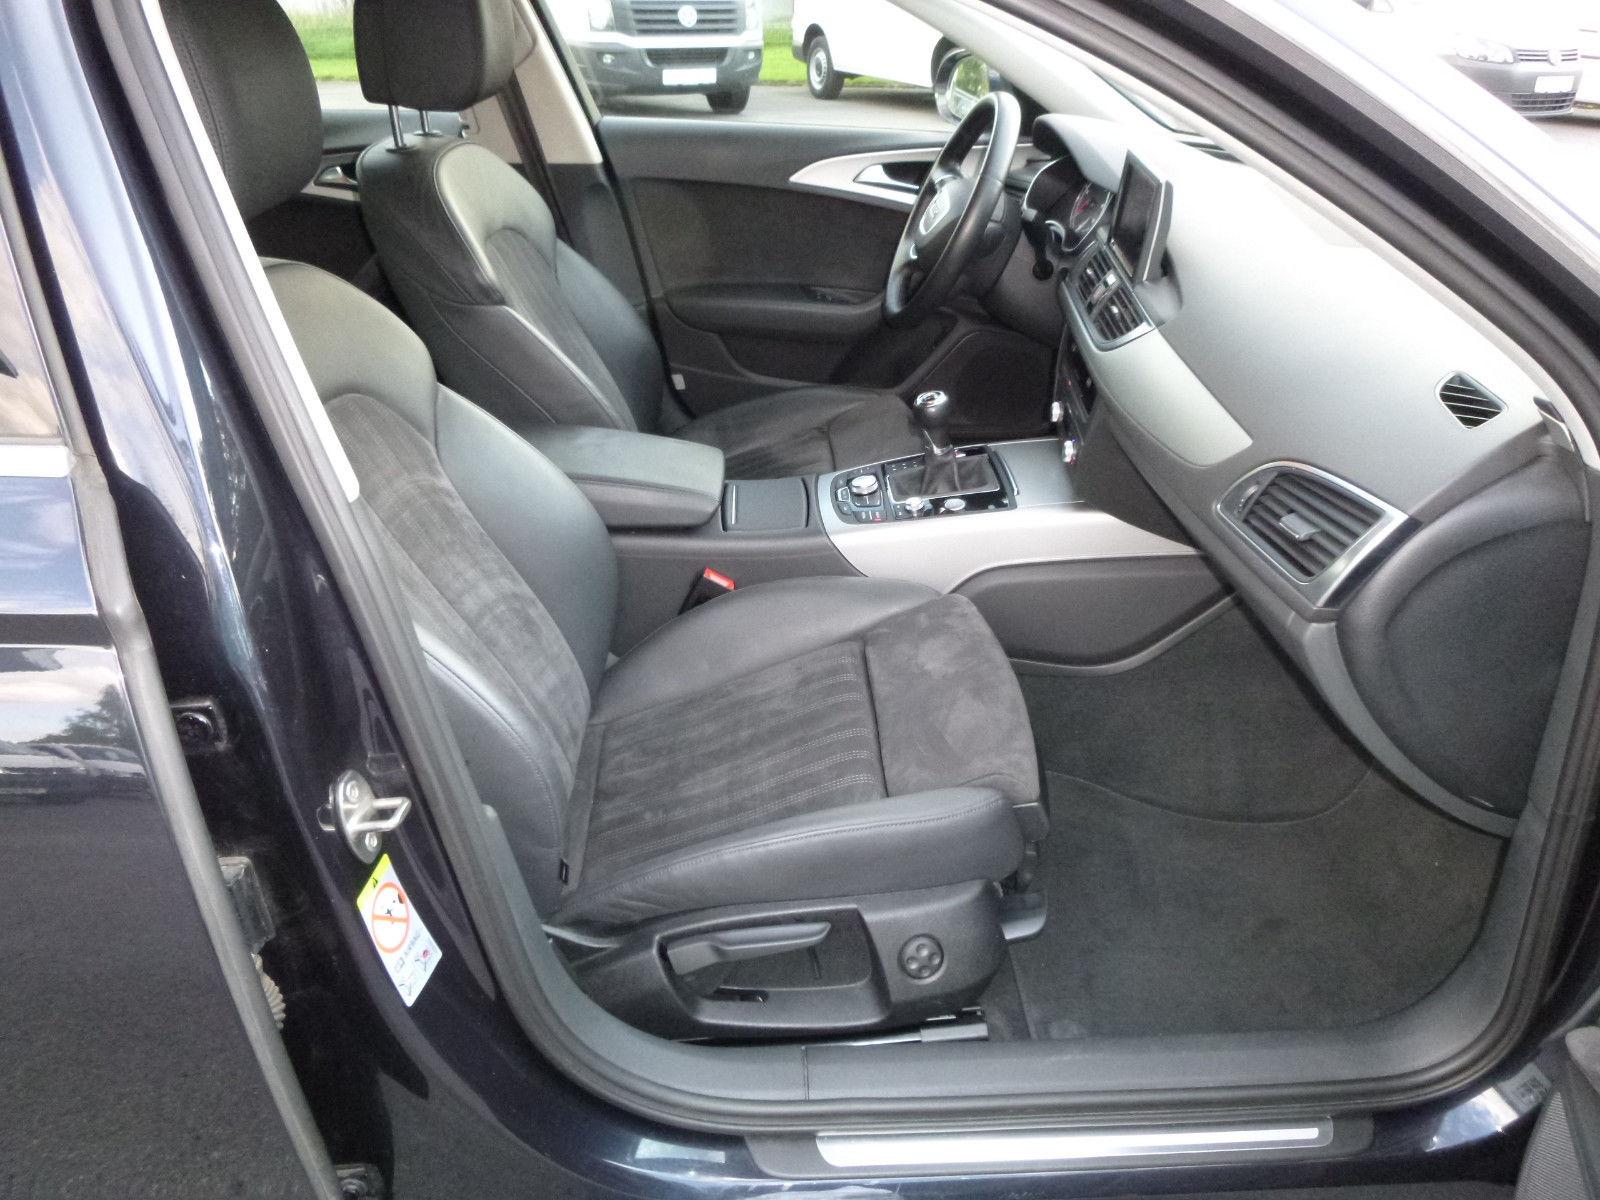 Покупка на кола от Германия -Ауди А6 2013-та, 2.0 TDI, 177 к.с.; 09.09.2017 Галерия (10)